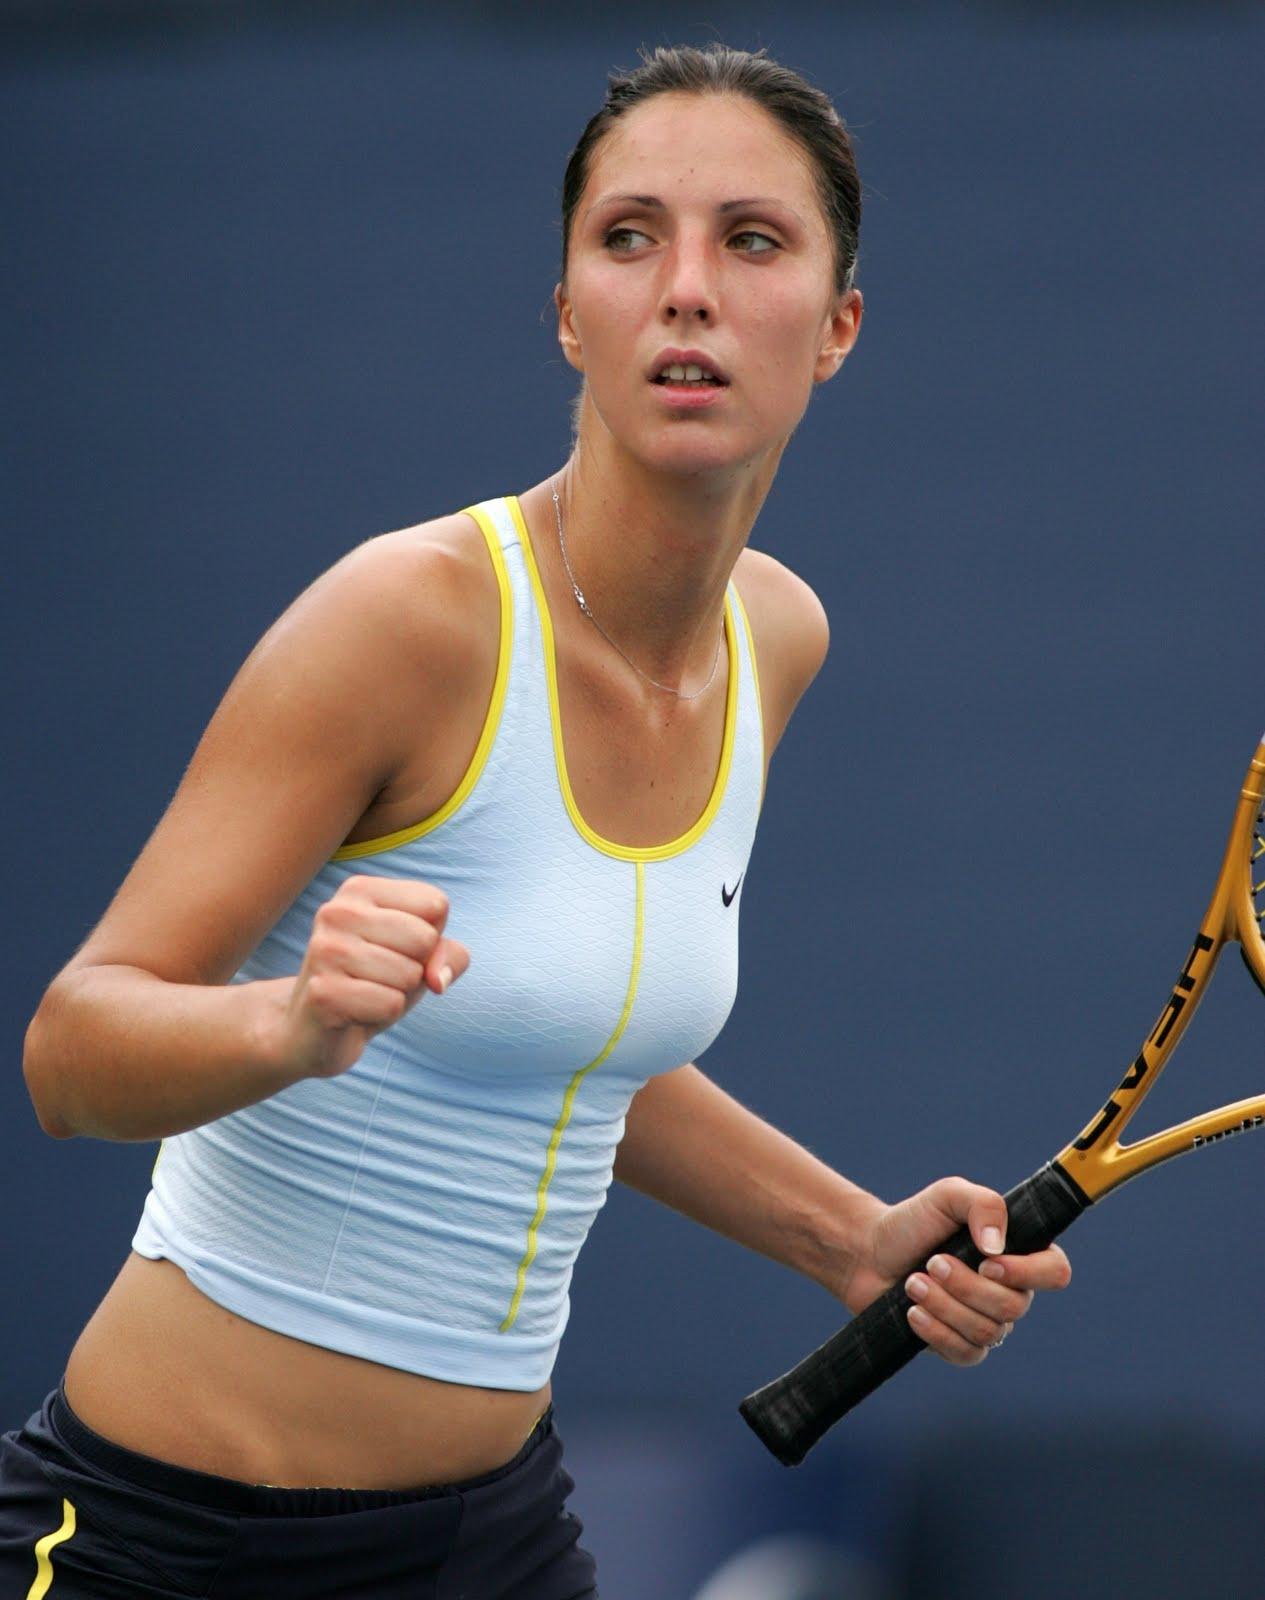 Ana ivanovic sexy moments 4